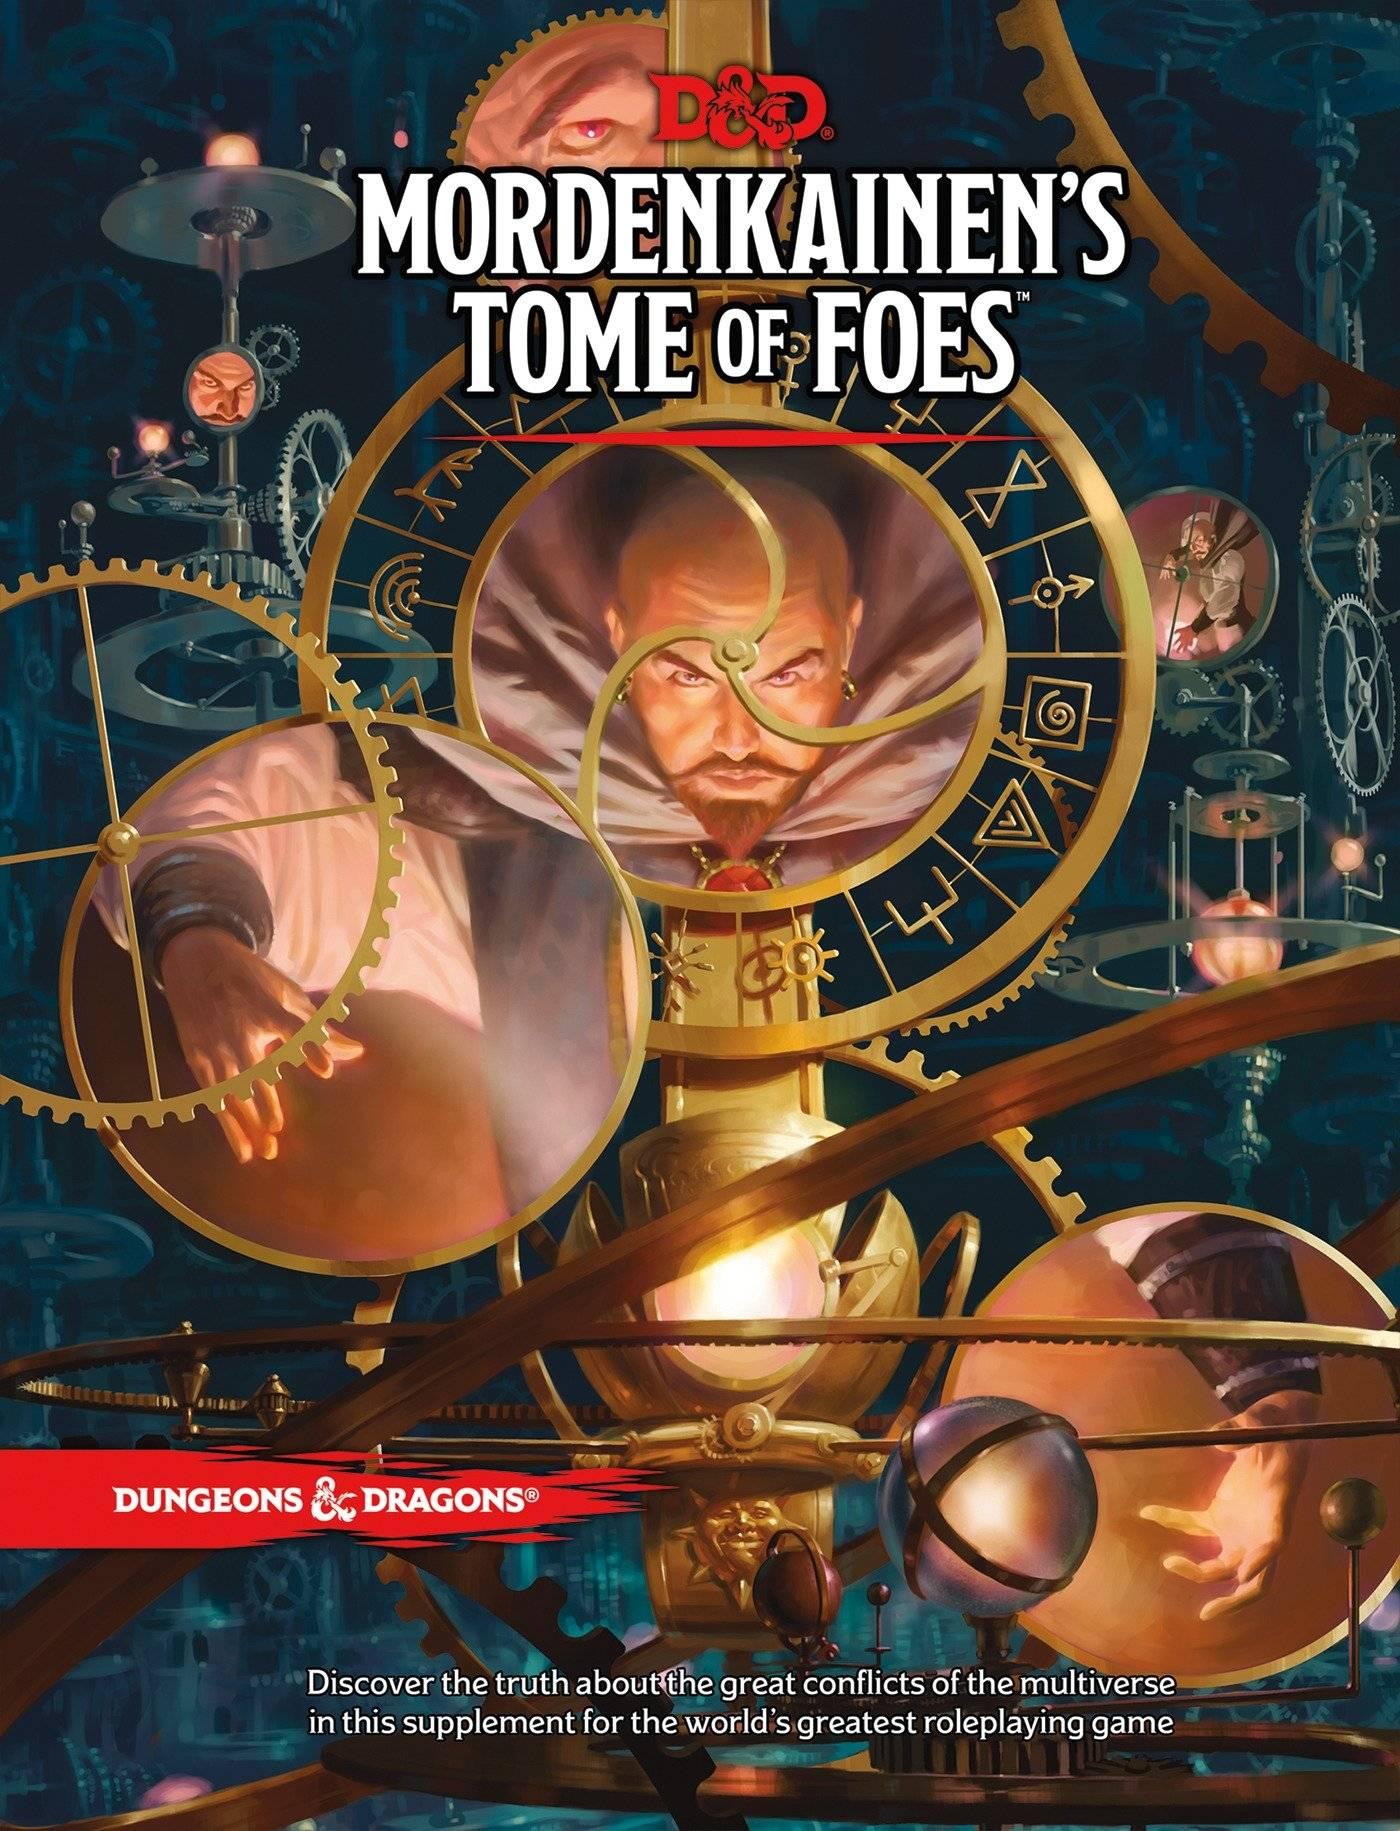 Арт: демоны, монстры и могущественный волшебник в новой книге Dungeons & Dragons 1